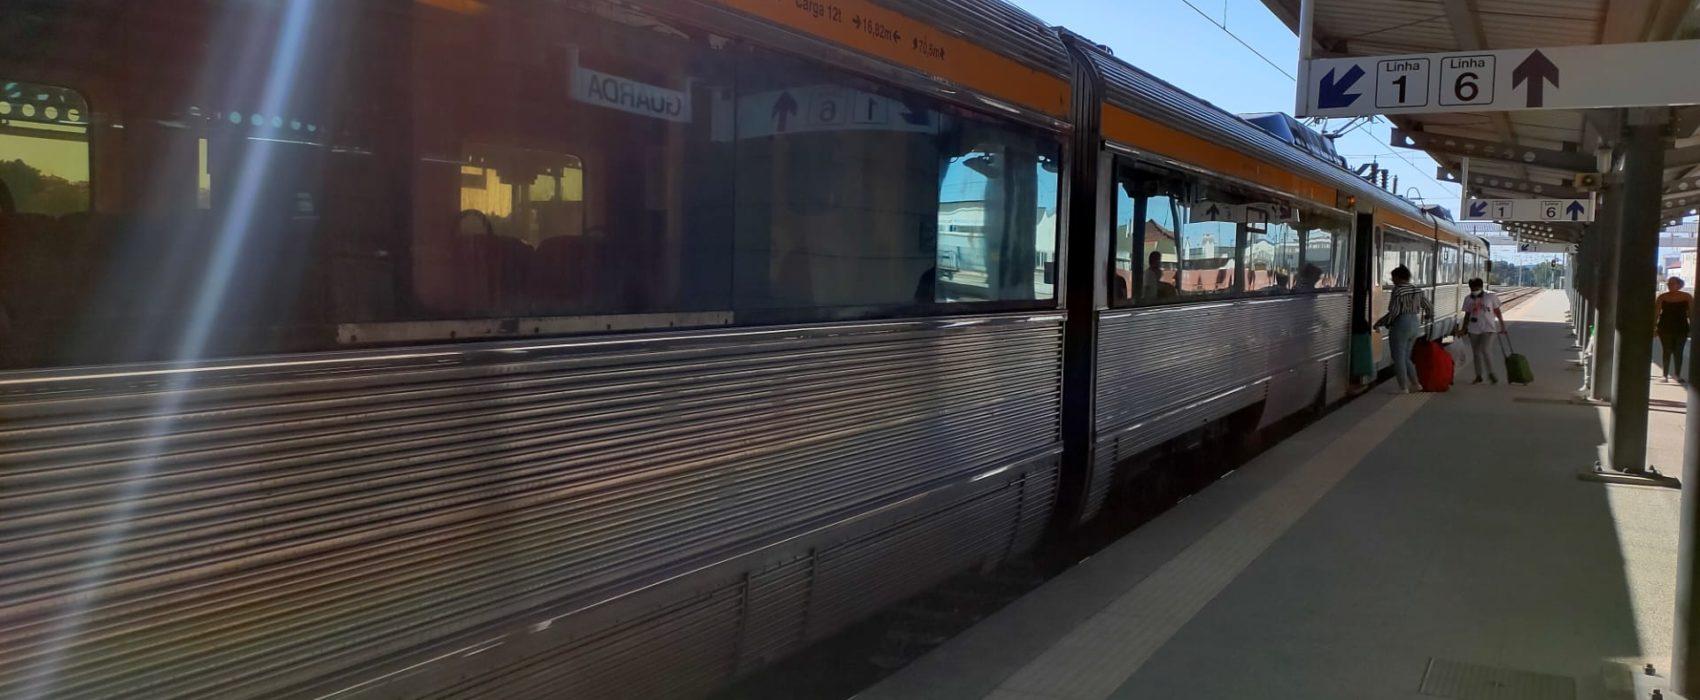 comboio - Guarda